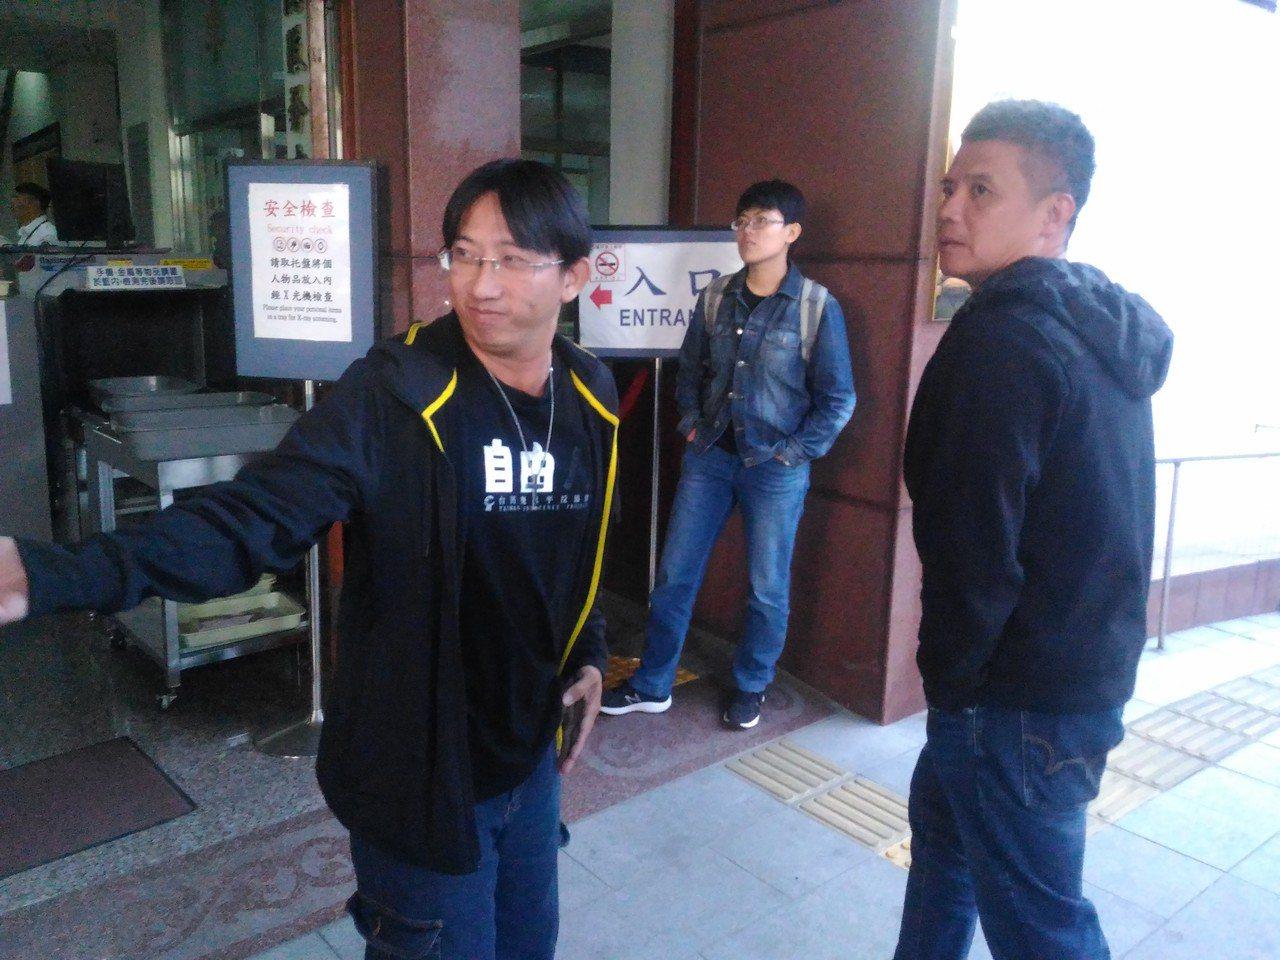 謝志宏(左)到台南高分院後由友人陪同離去。記者黃宣翰/攝影